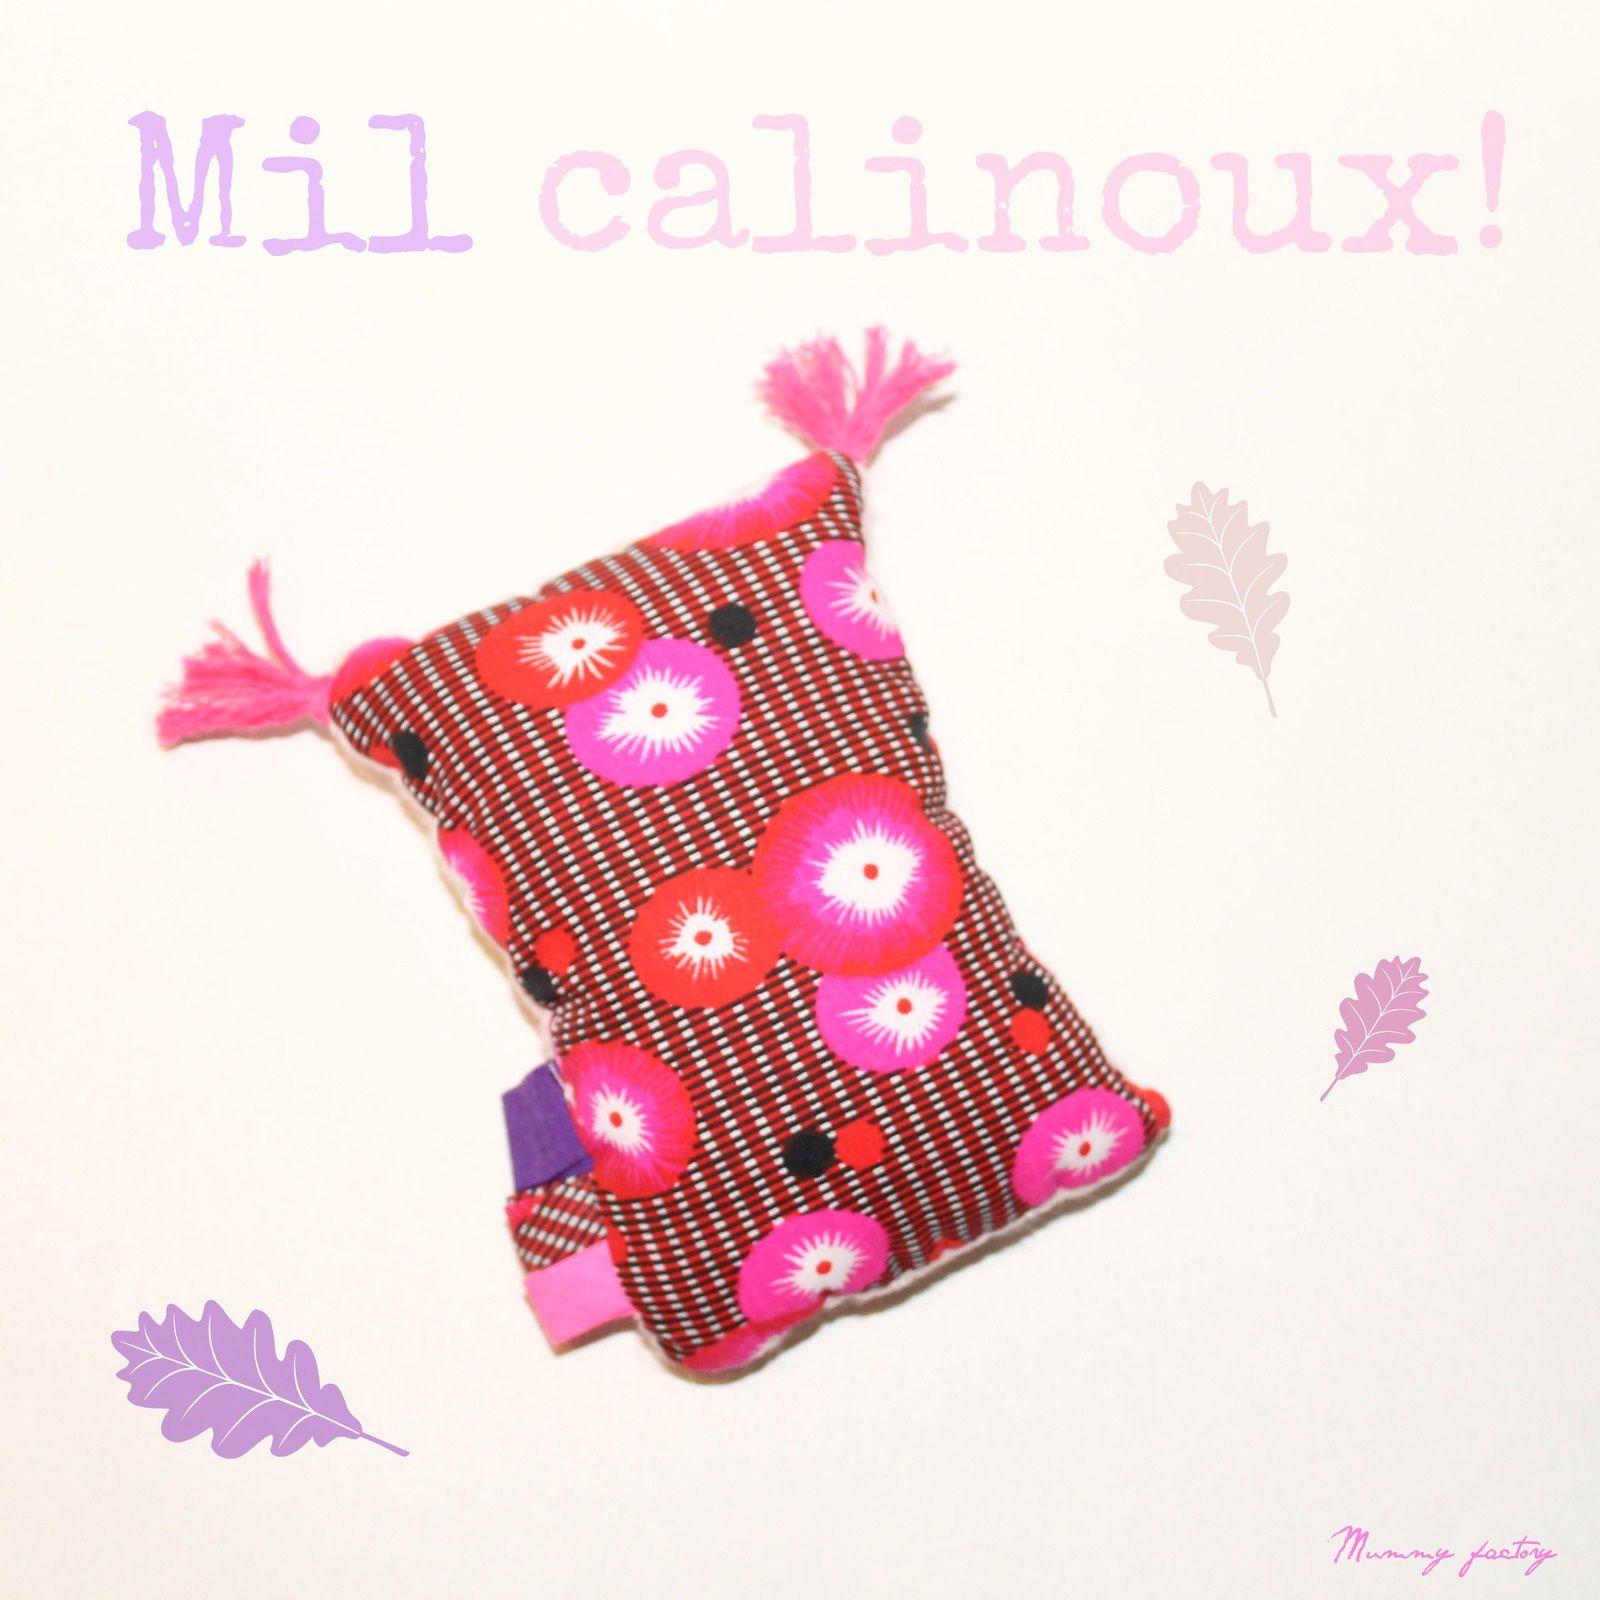 Fée moi un doudou...Mlle Hibou &amp&#x3B; mil bisous doux